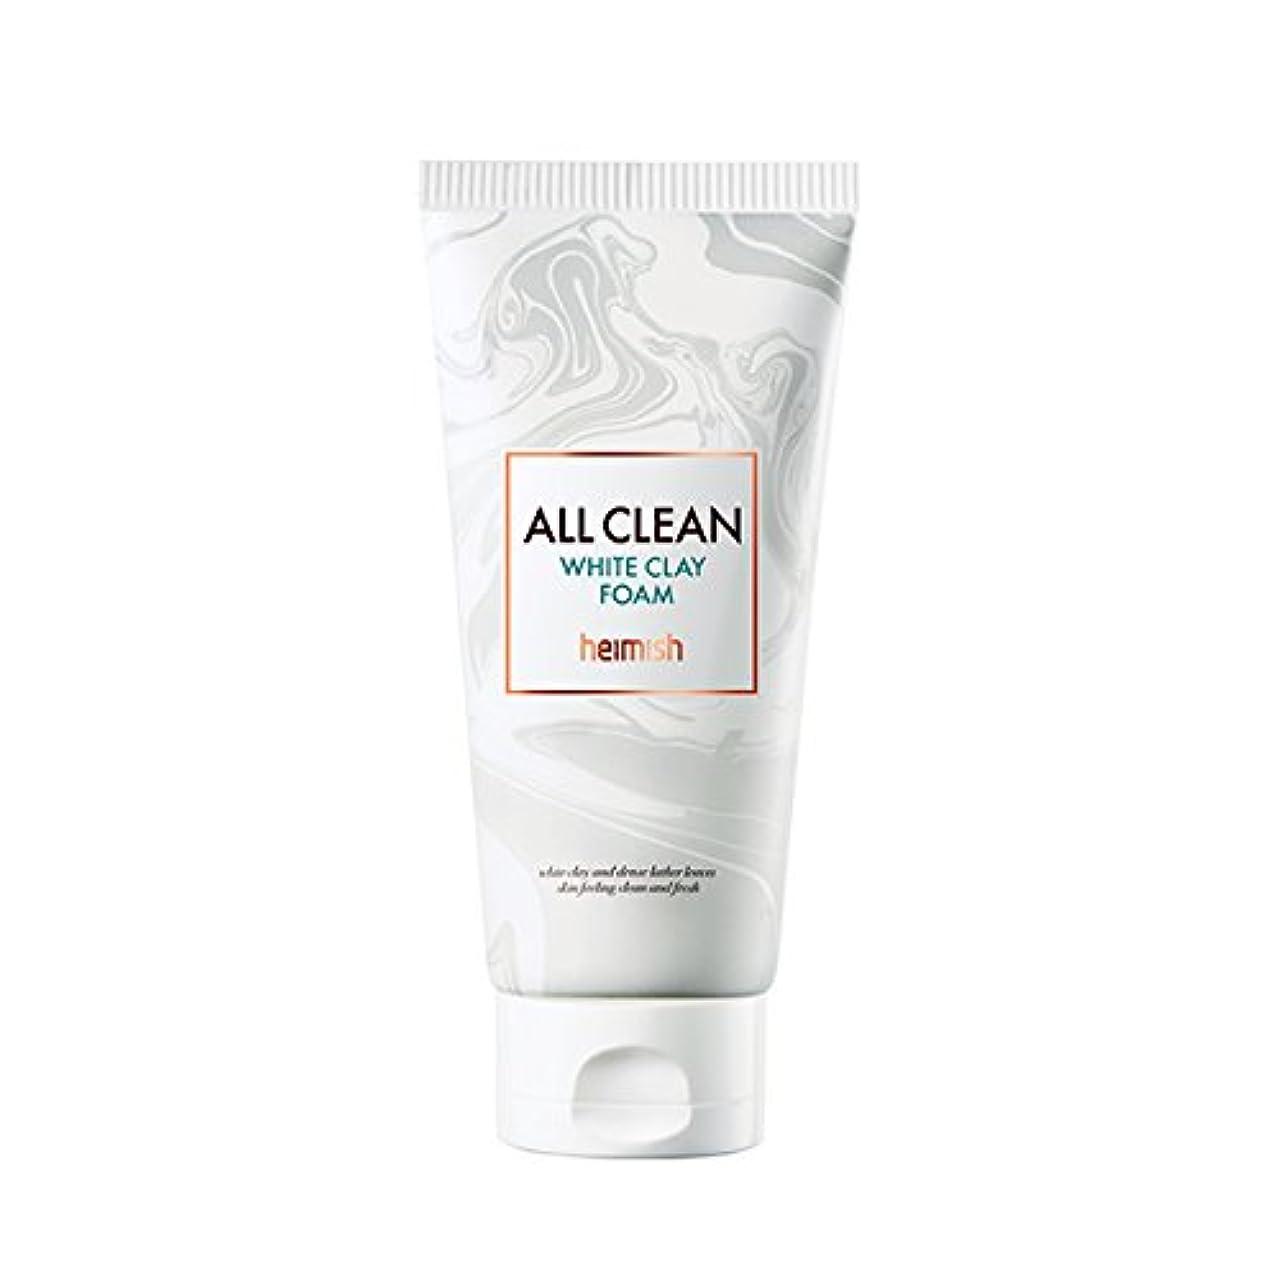 休憩するエゴイズムくつろぐheimish All Clean White Clay Foam 150g/ヘイミッシュ オールクリーン ホワイト クレイ フォーム 150g